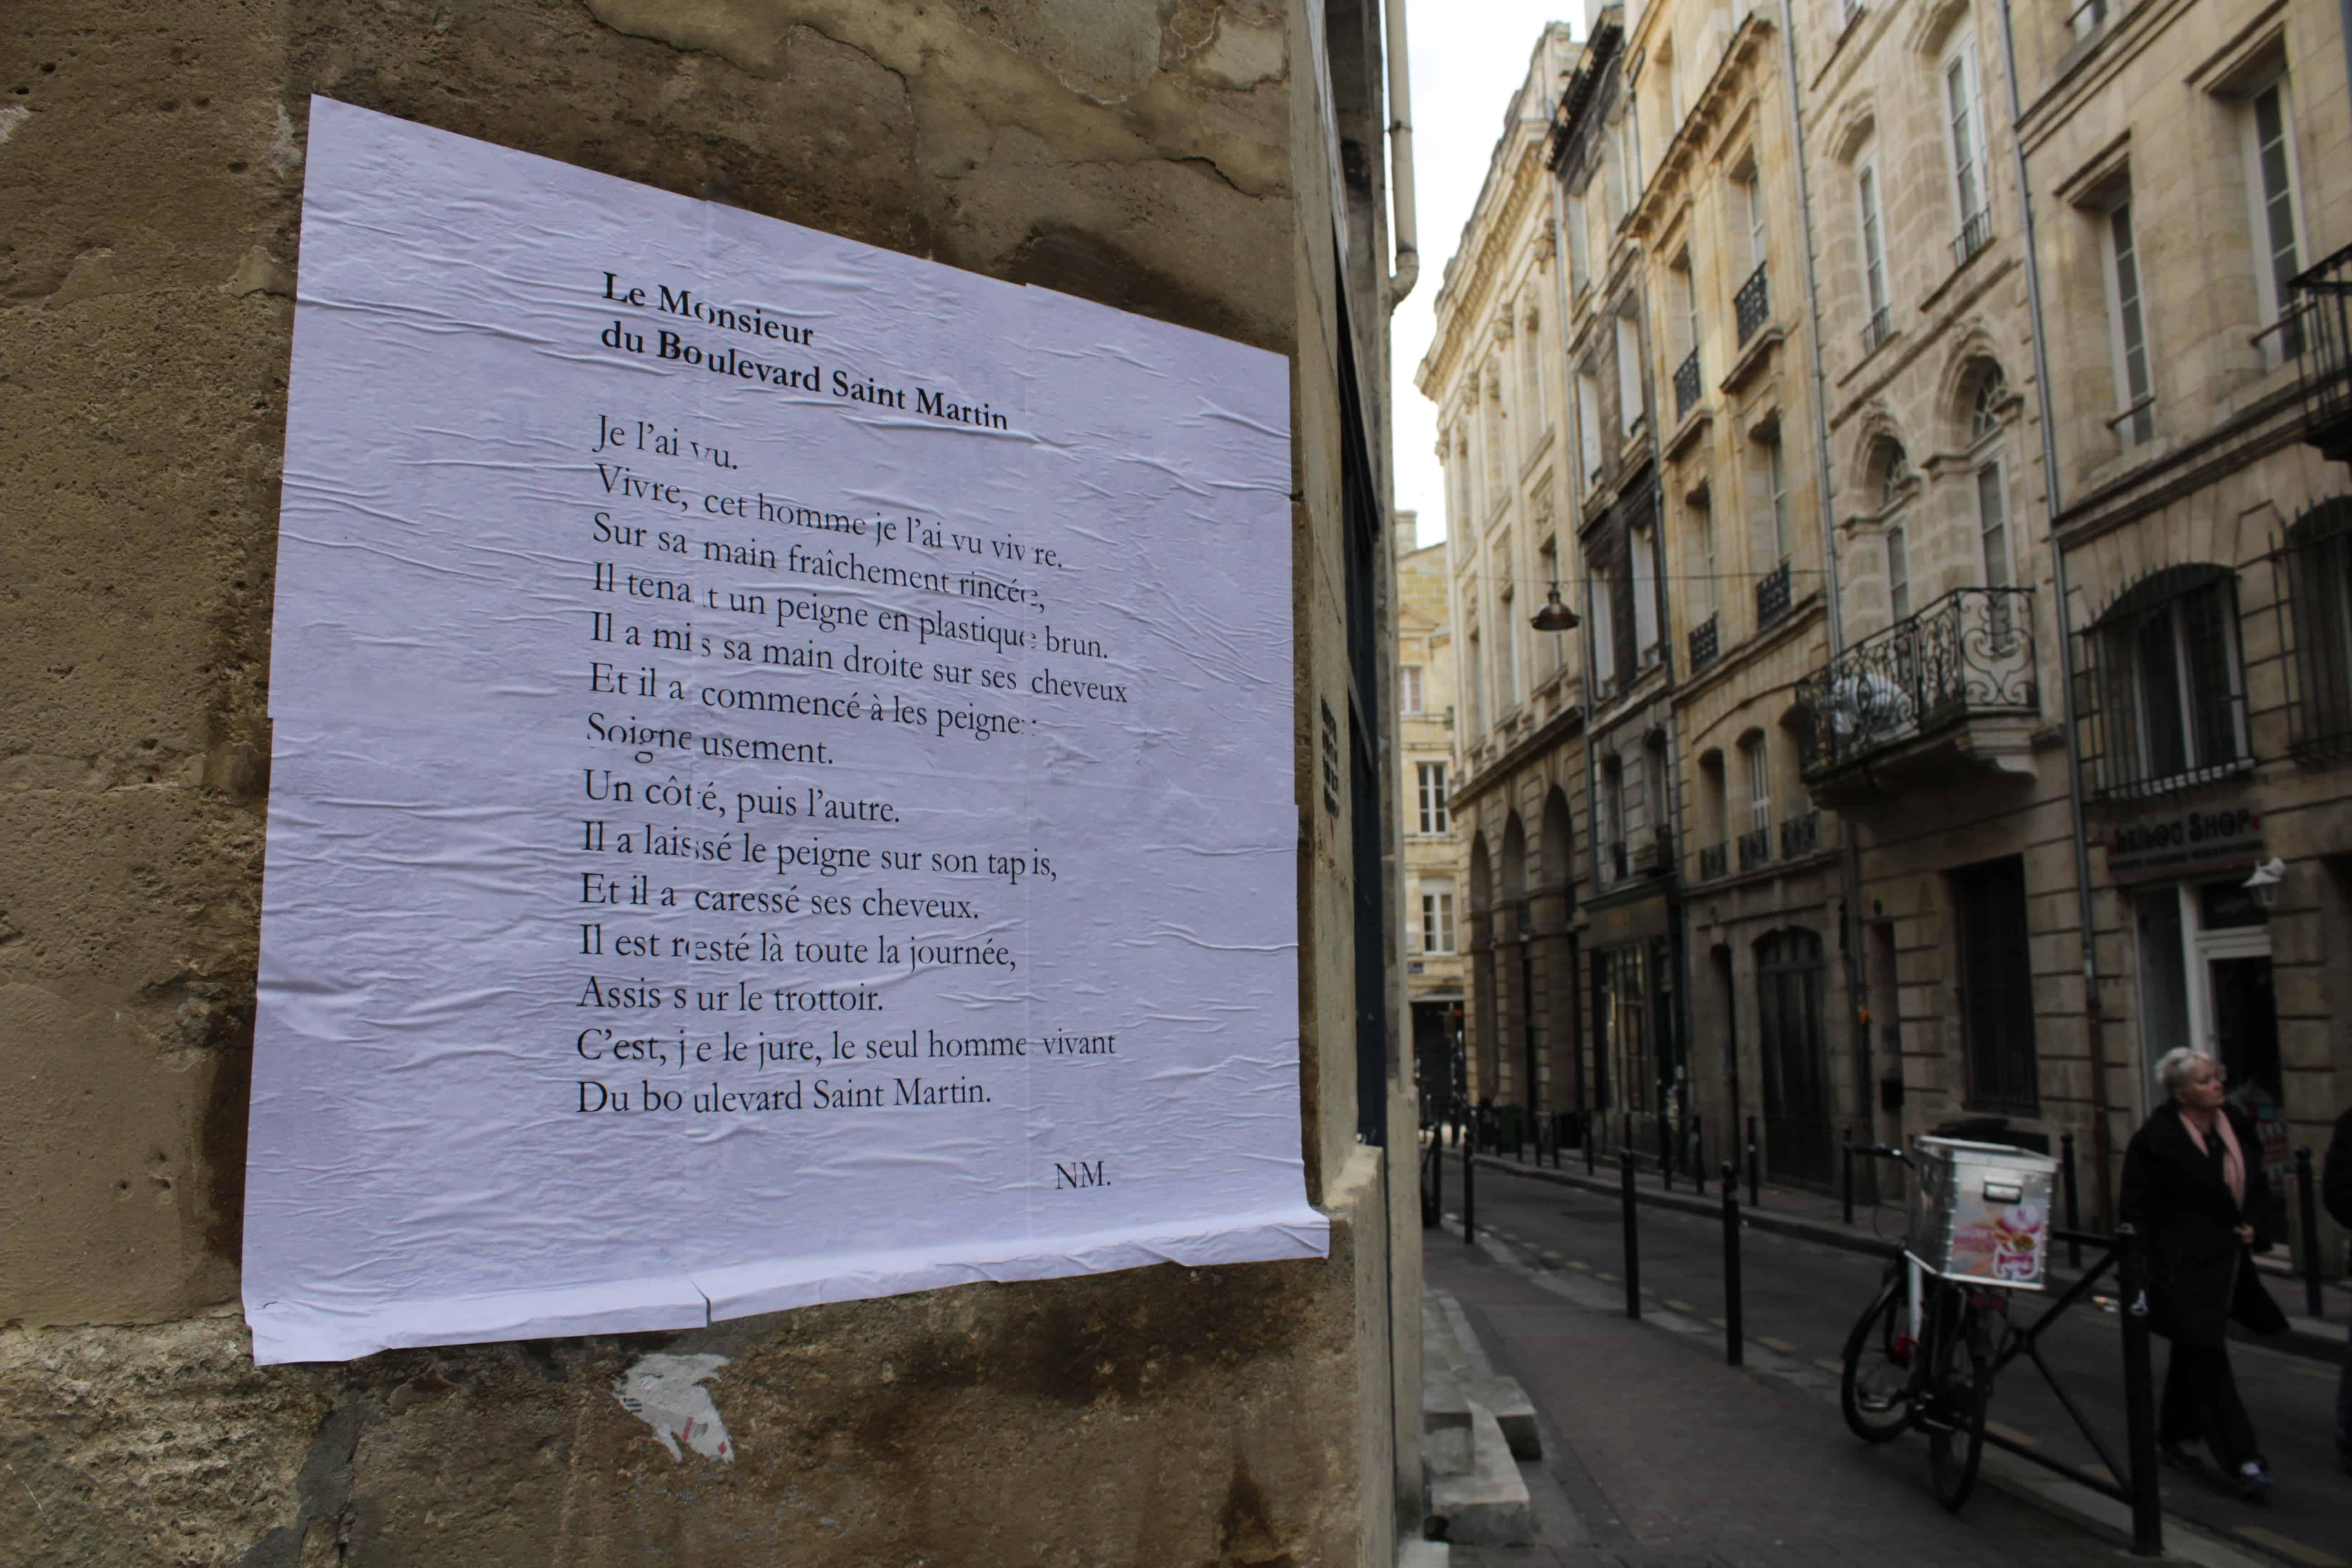 le monsieur du boulevard saint martin, poésie, bordeaux